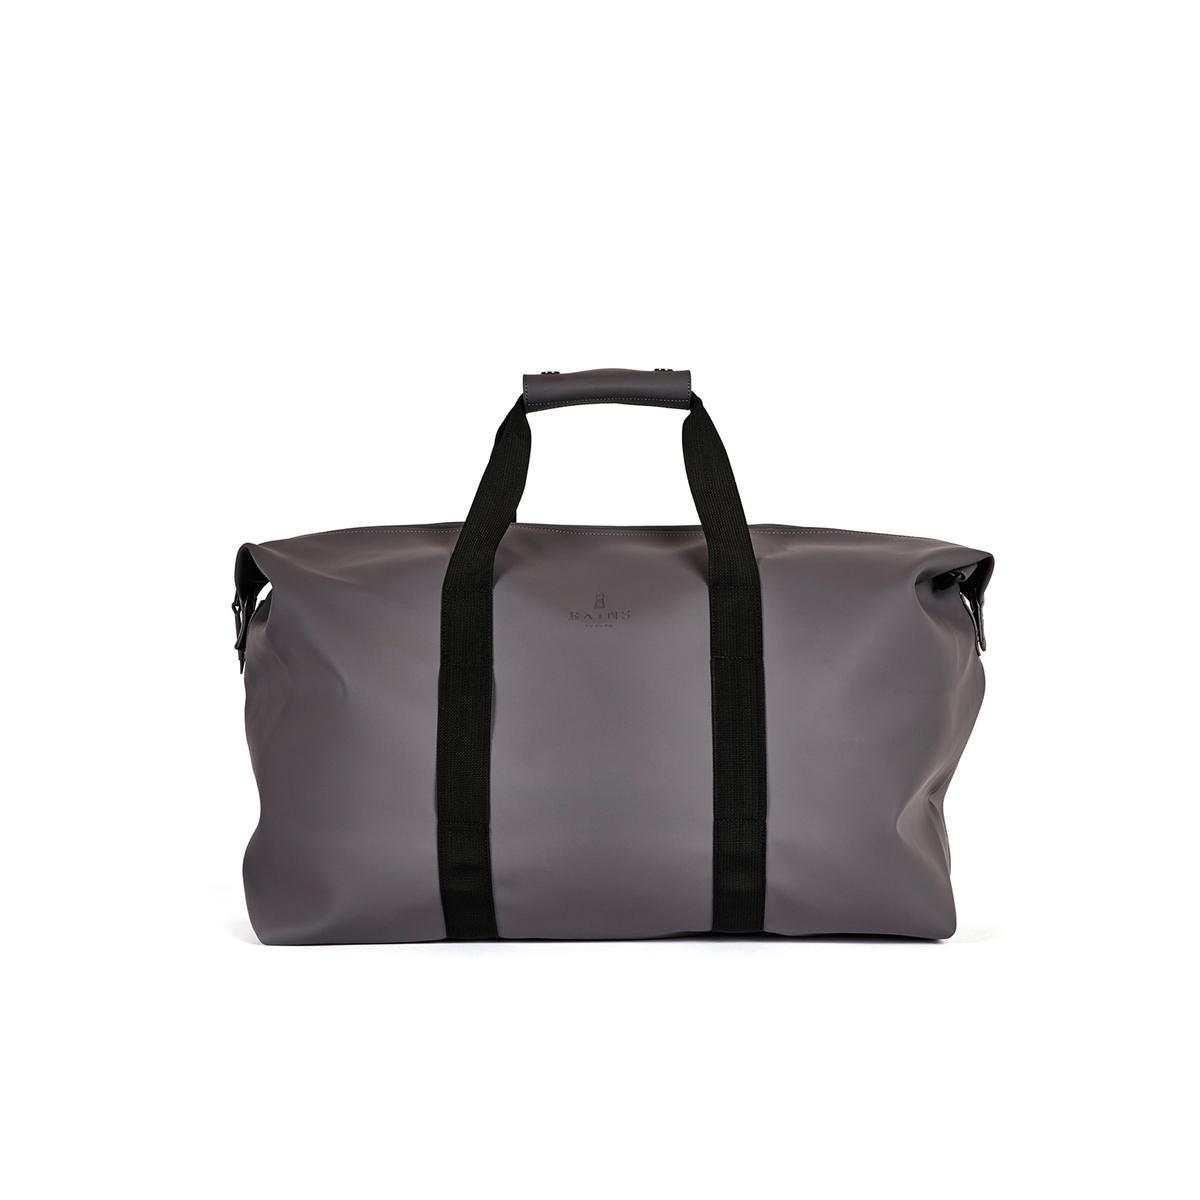 Сумка дорожная BAG 44 лДорожная сумка RAINS - модель BAG SMOKE из полиэстера и полиуретана. Застежка на молнию сверху . 2 больших контрастных ремешка для переноски в руке или на плече .  Непромокаемая ткань .              Состав и описание             Материал : 50% полиуретана, 50% полиэстера   Размеры : В. 41 см x Ш. 51 см x Г. 21 смОбъем : 44 л            Марка : RAINS<br><br>Цвет: серый